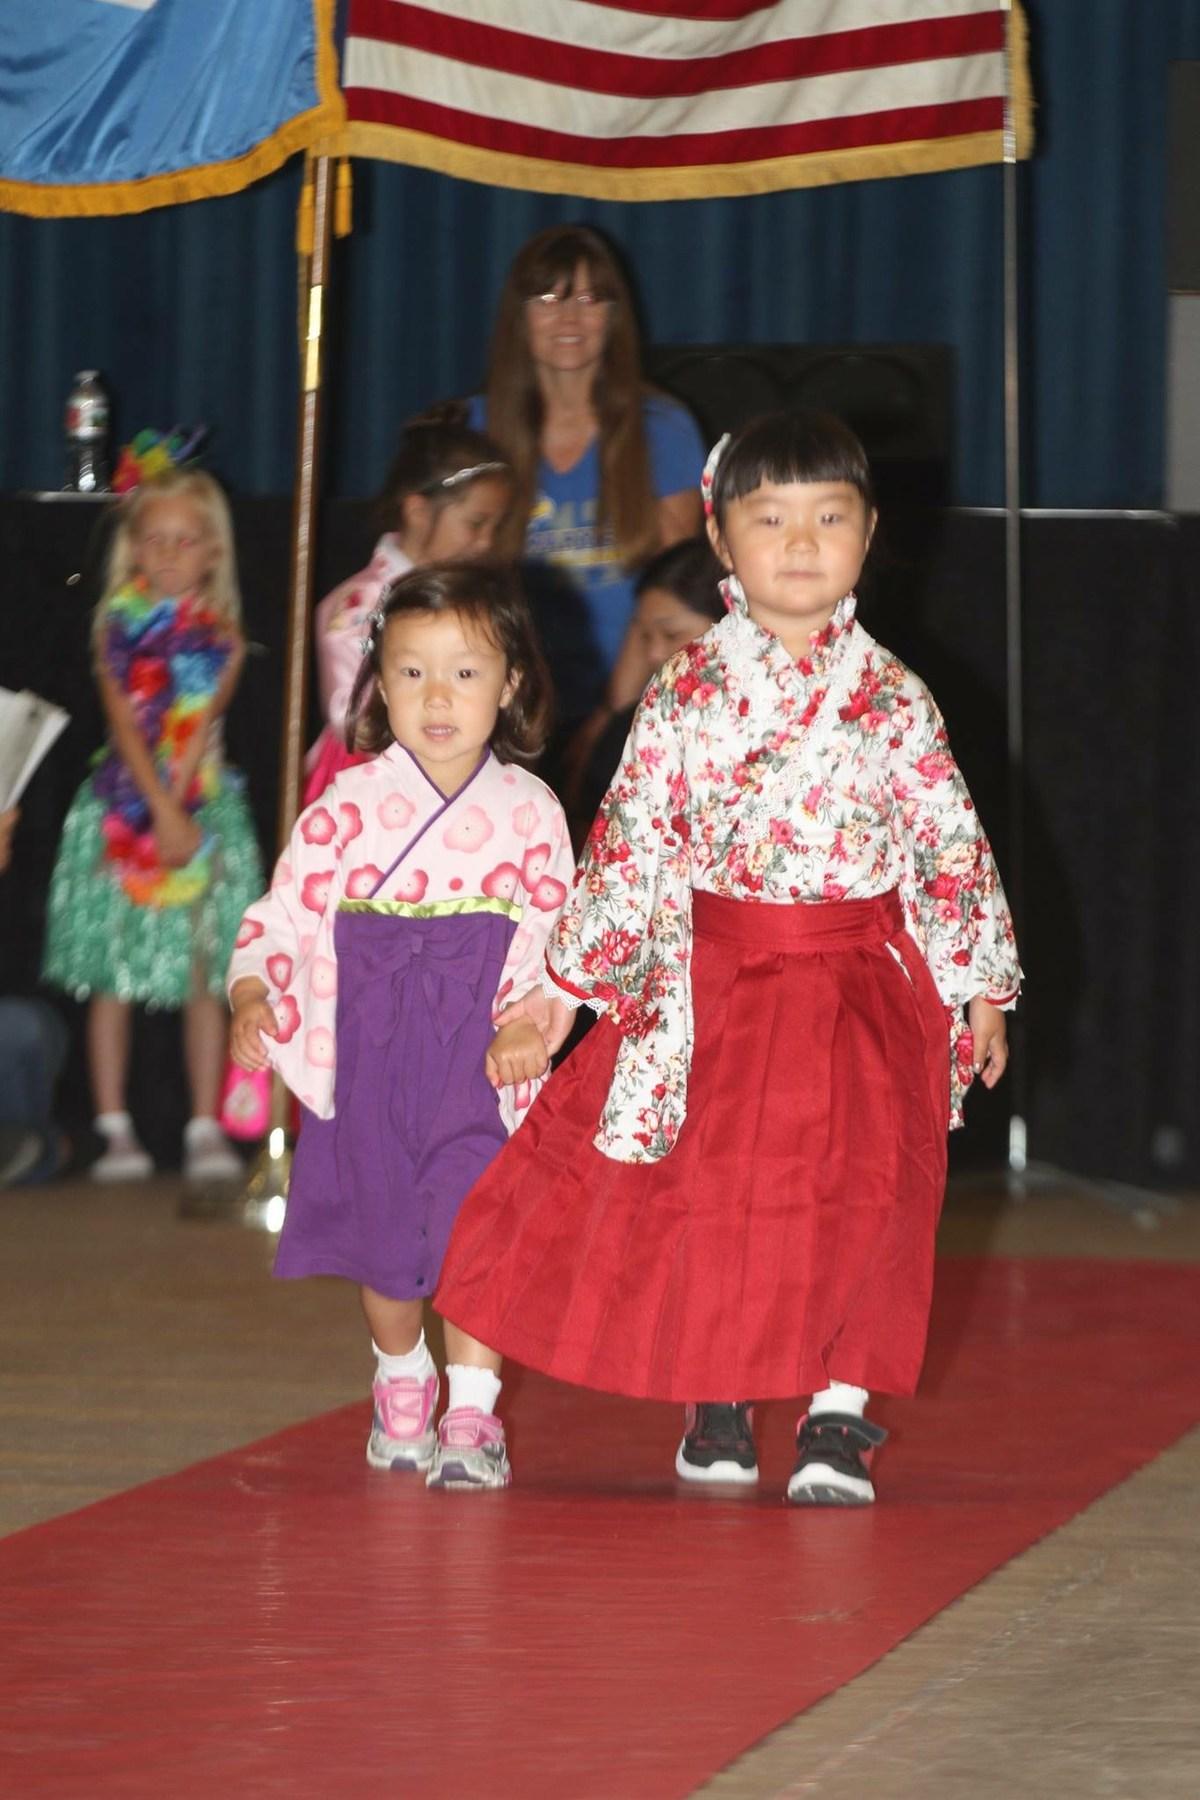 2 preschool sisters dressed in Japanese attire